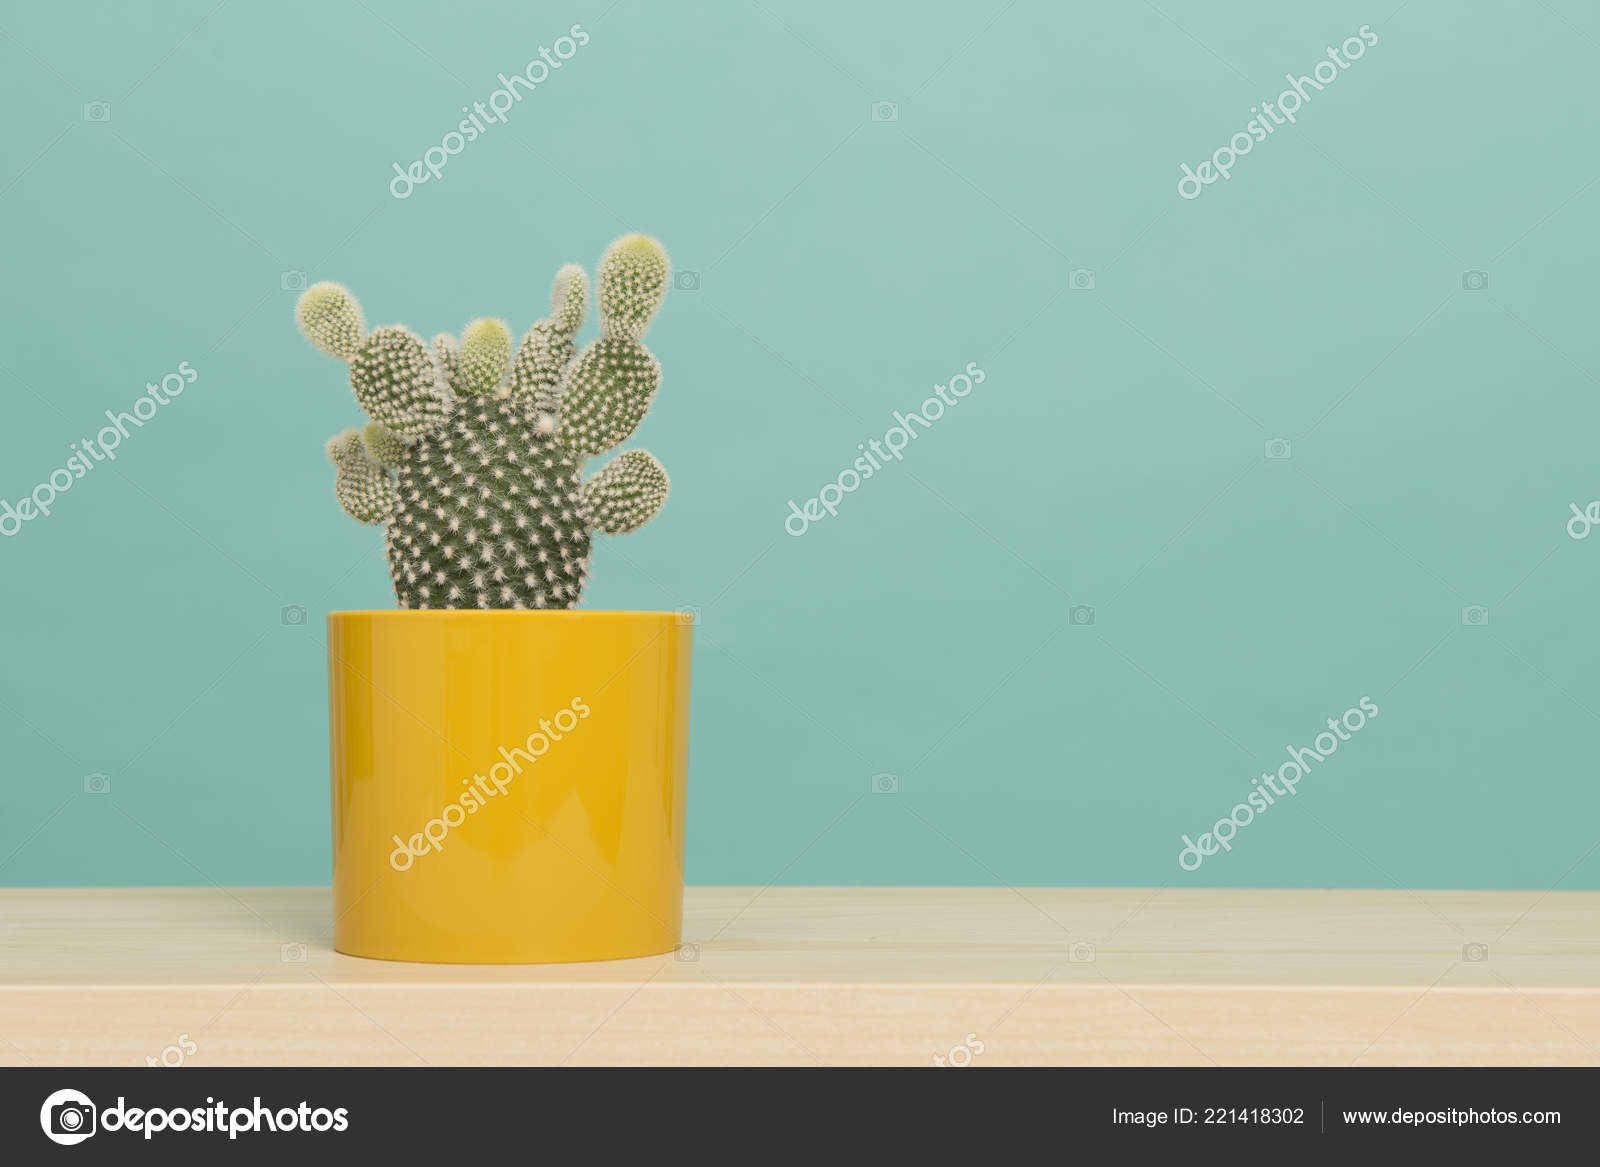 Ripiani In Legno Per Tavoli : Pianta del cactus vaso fiori giallo tavolo legno ripiano sfondo